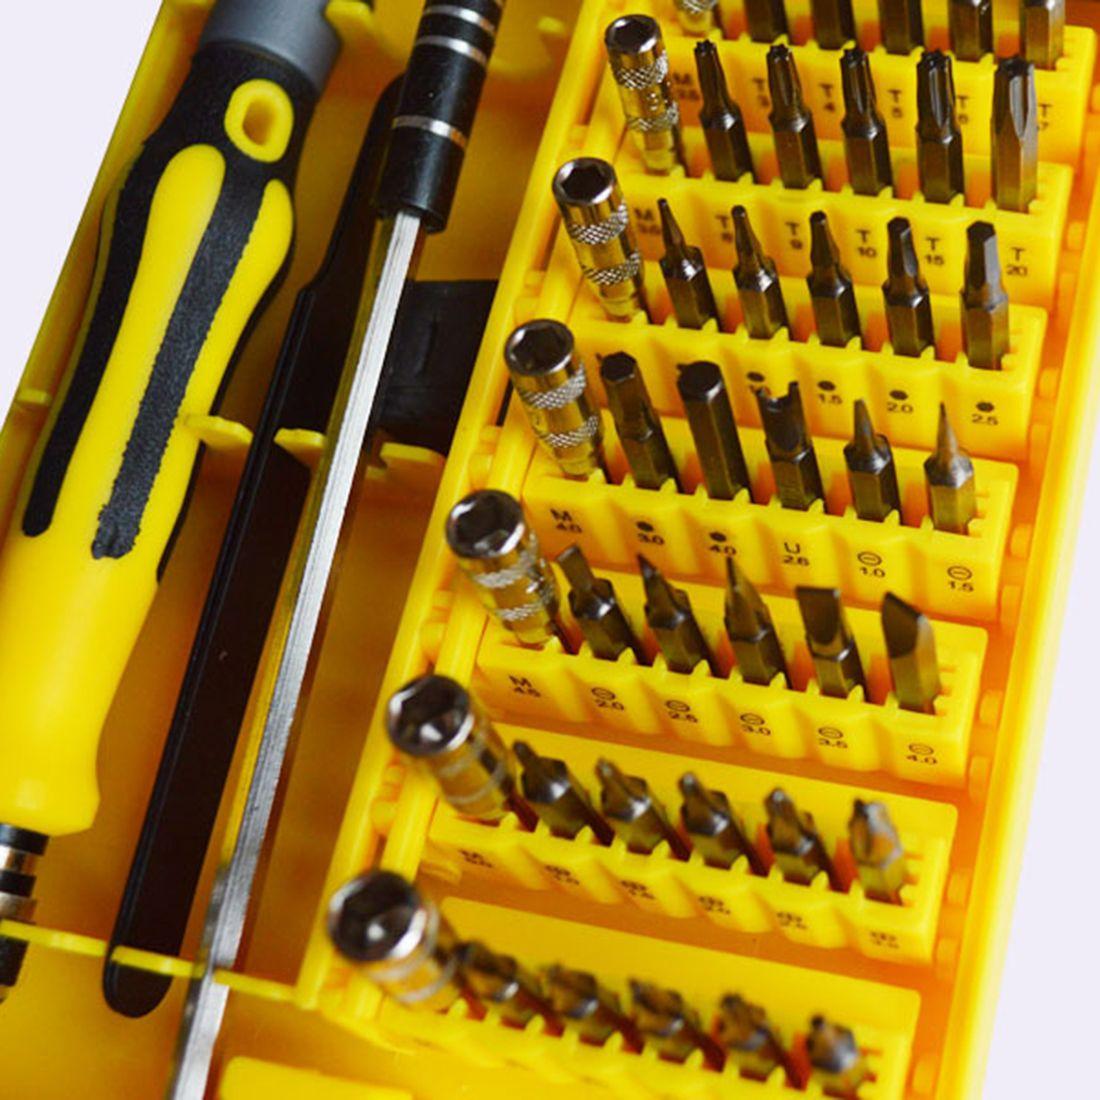 Hot 45 en 1 professionnel Torx tournevis ensemble précision pour montre ordinateur pour iPhone Samsung téléphone intelligent réparation démonter outils